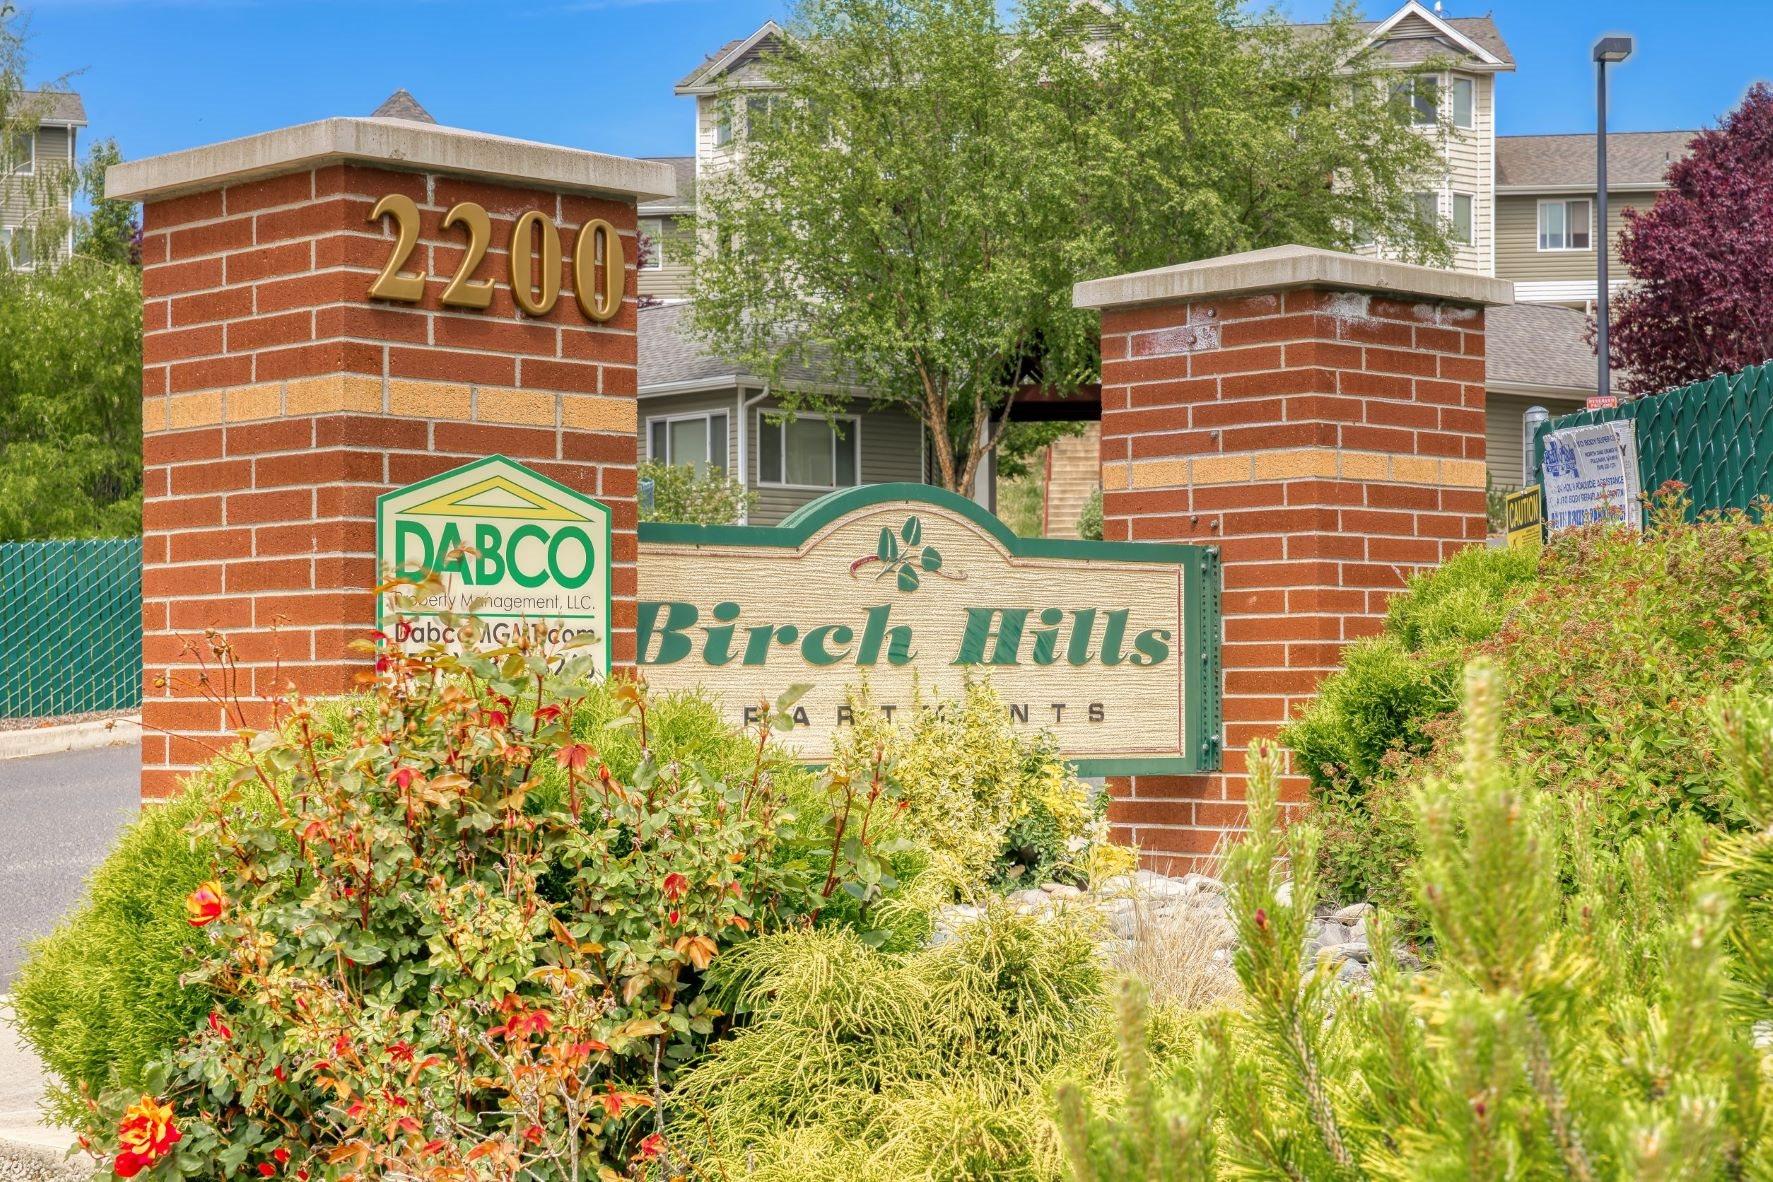 Birch Hills